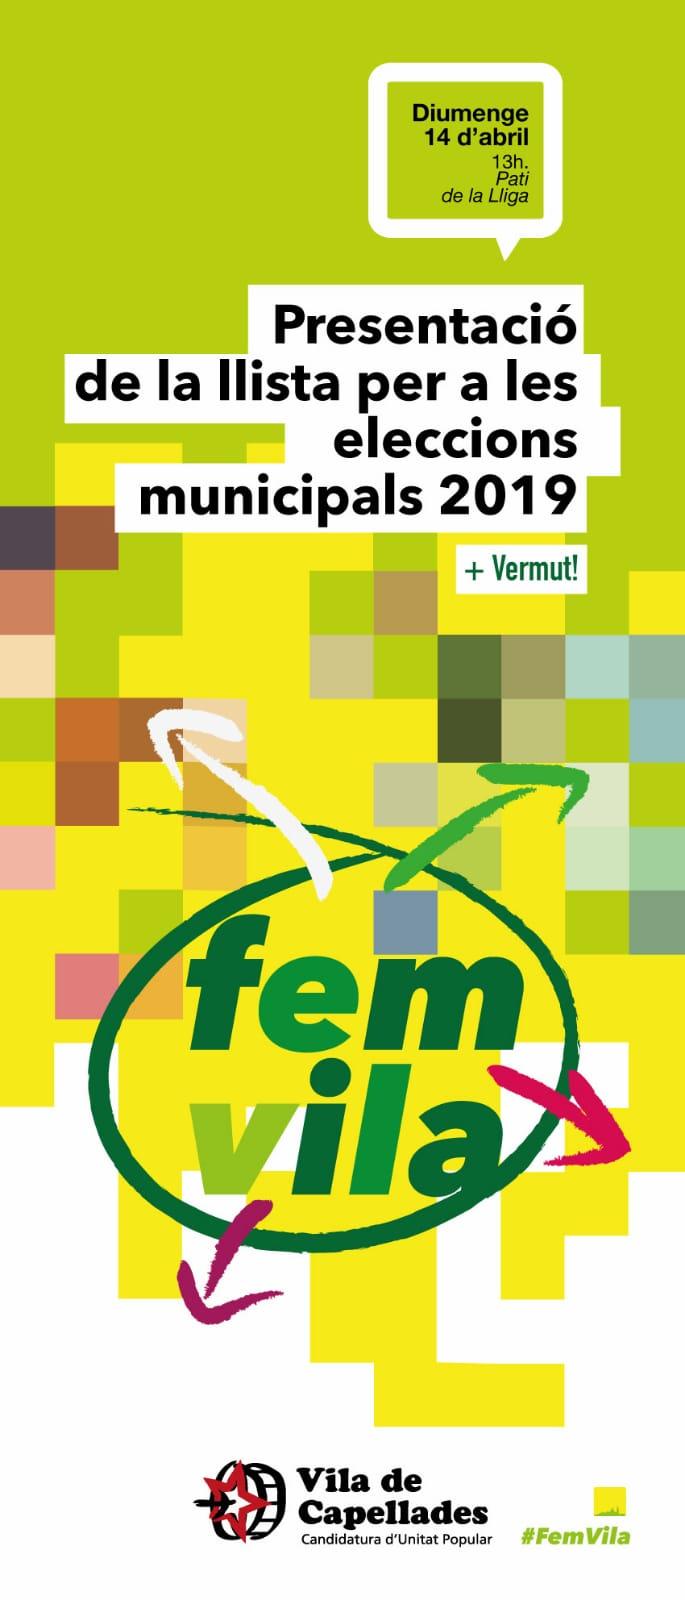 Presentació de la llista per a les eleccions municipals 2019